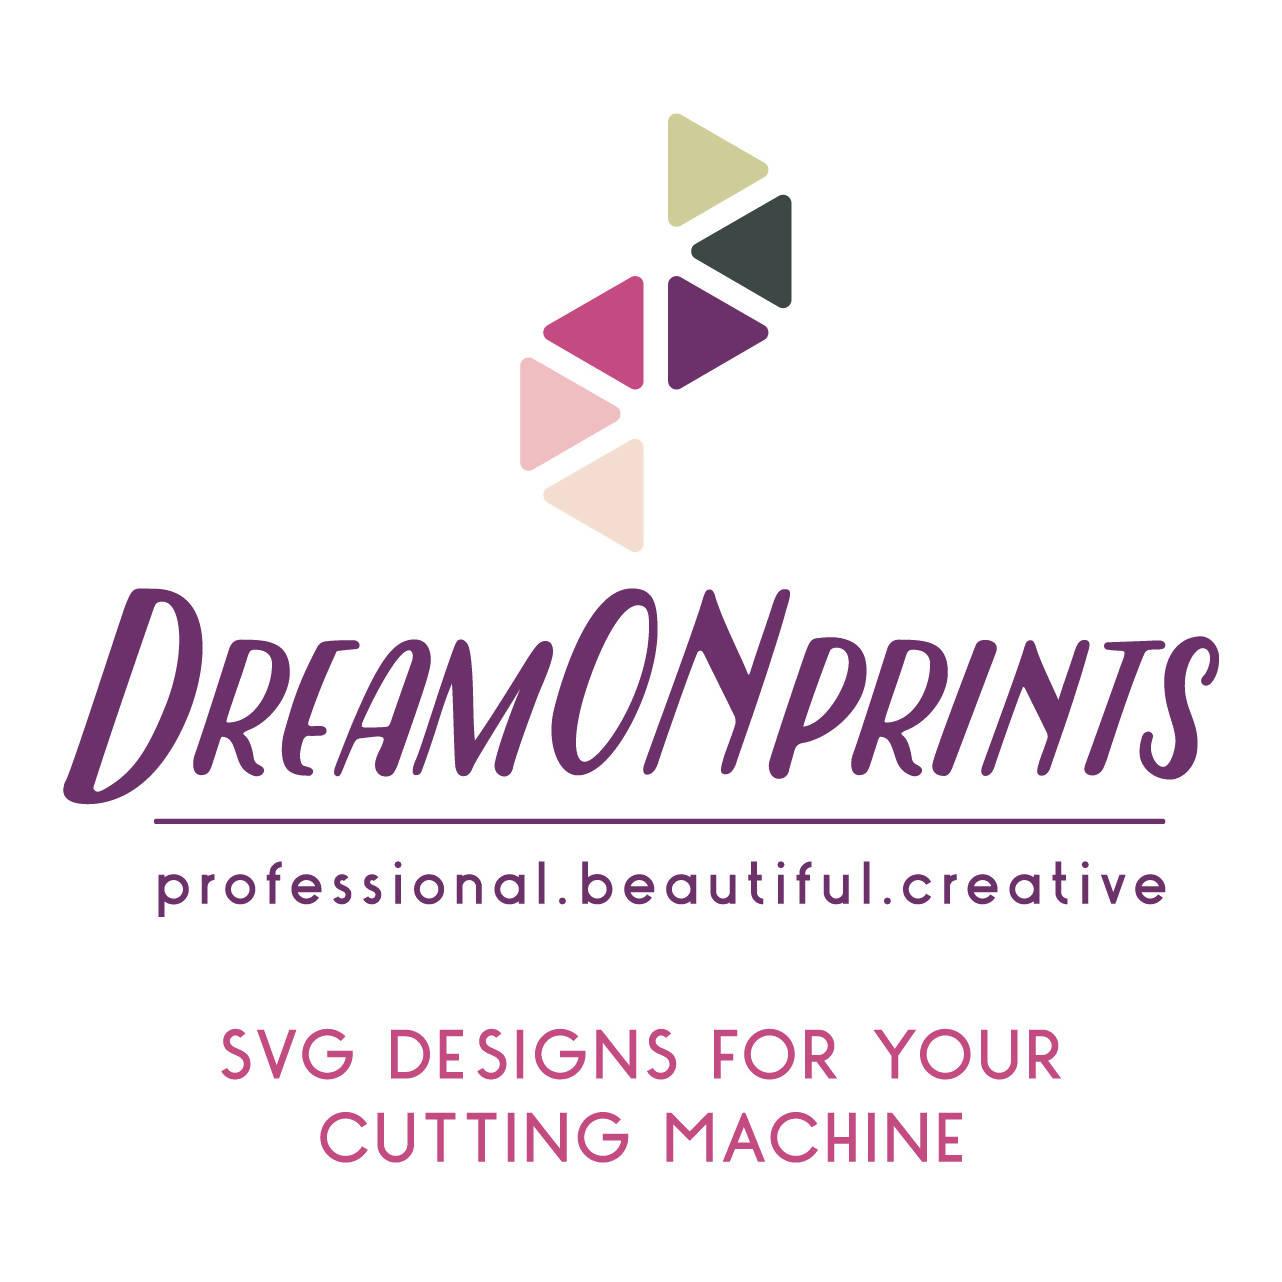 DreamONprints